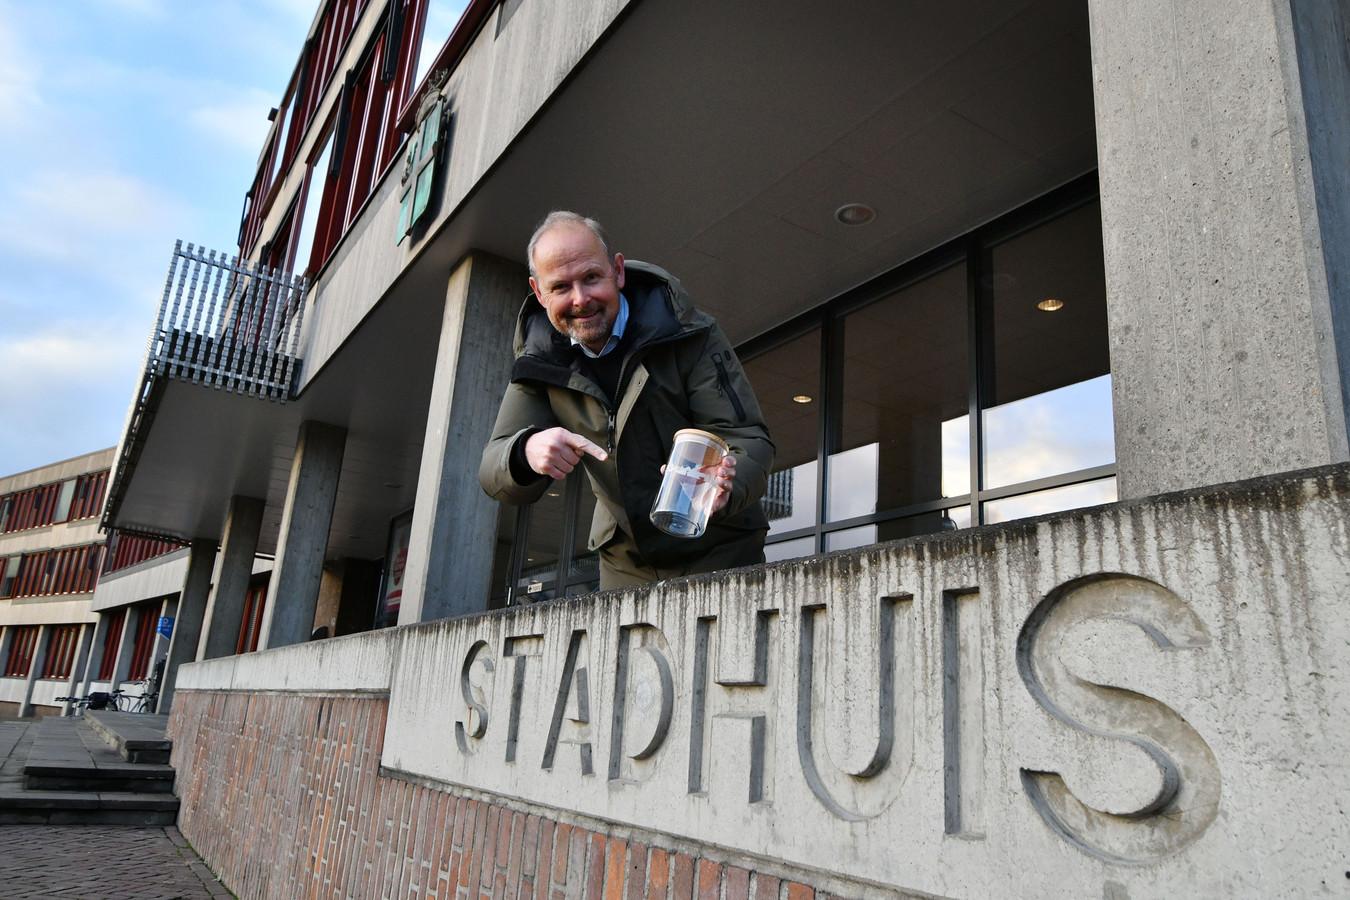 Wie het stadhuis van Oldenzaal aanduidt als gemeentehuis wordt door burgemeester Patrick Welman vriendelijk verzocht een donatie te doen in de fooienpot op zijn werkkamer. De opbrengst is uiteindelijk bestemd voor het Palthe Huis.